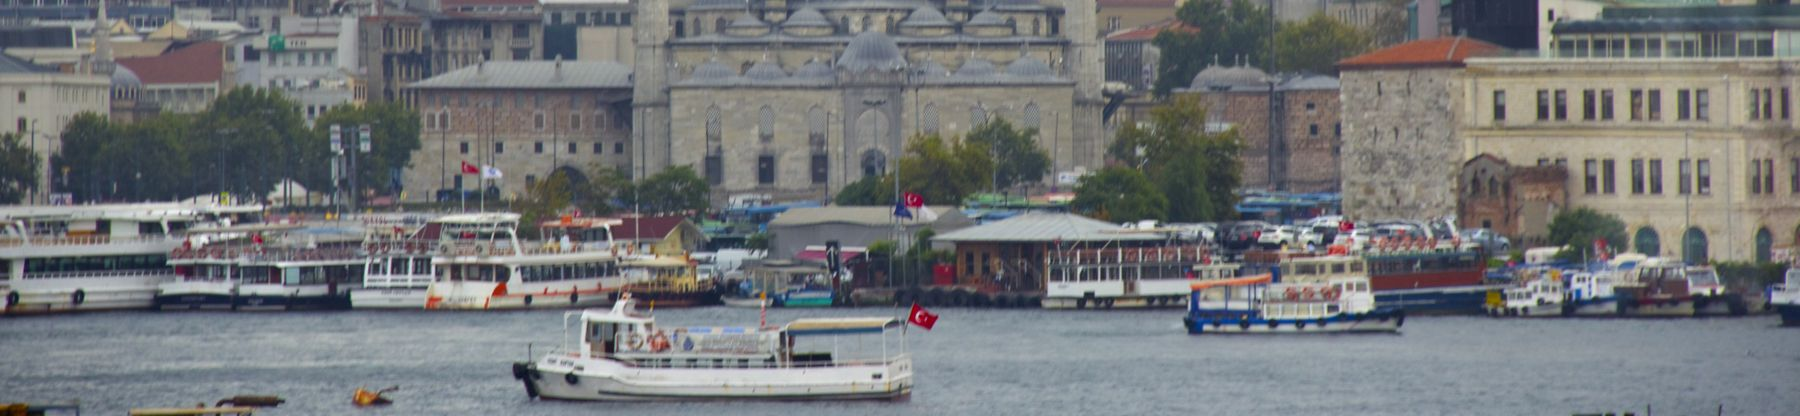 Touring Turkey